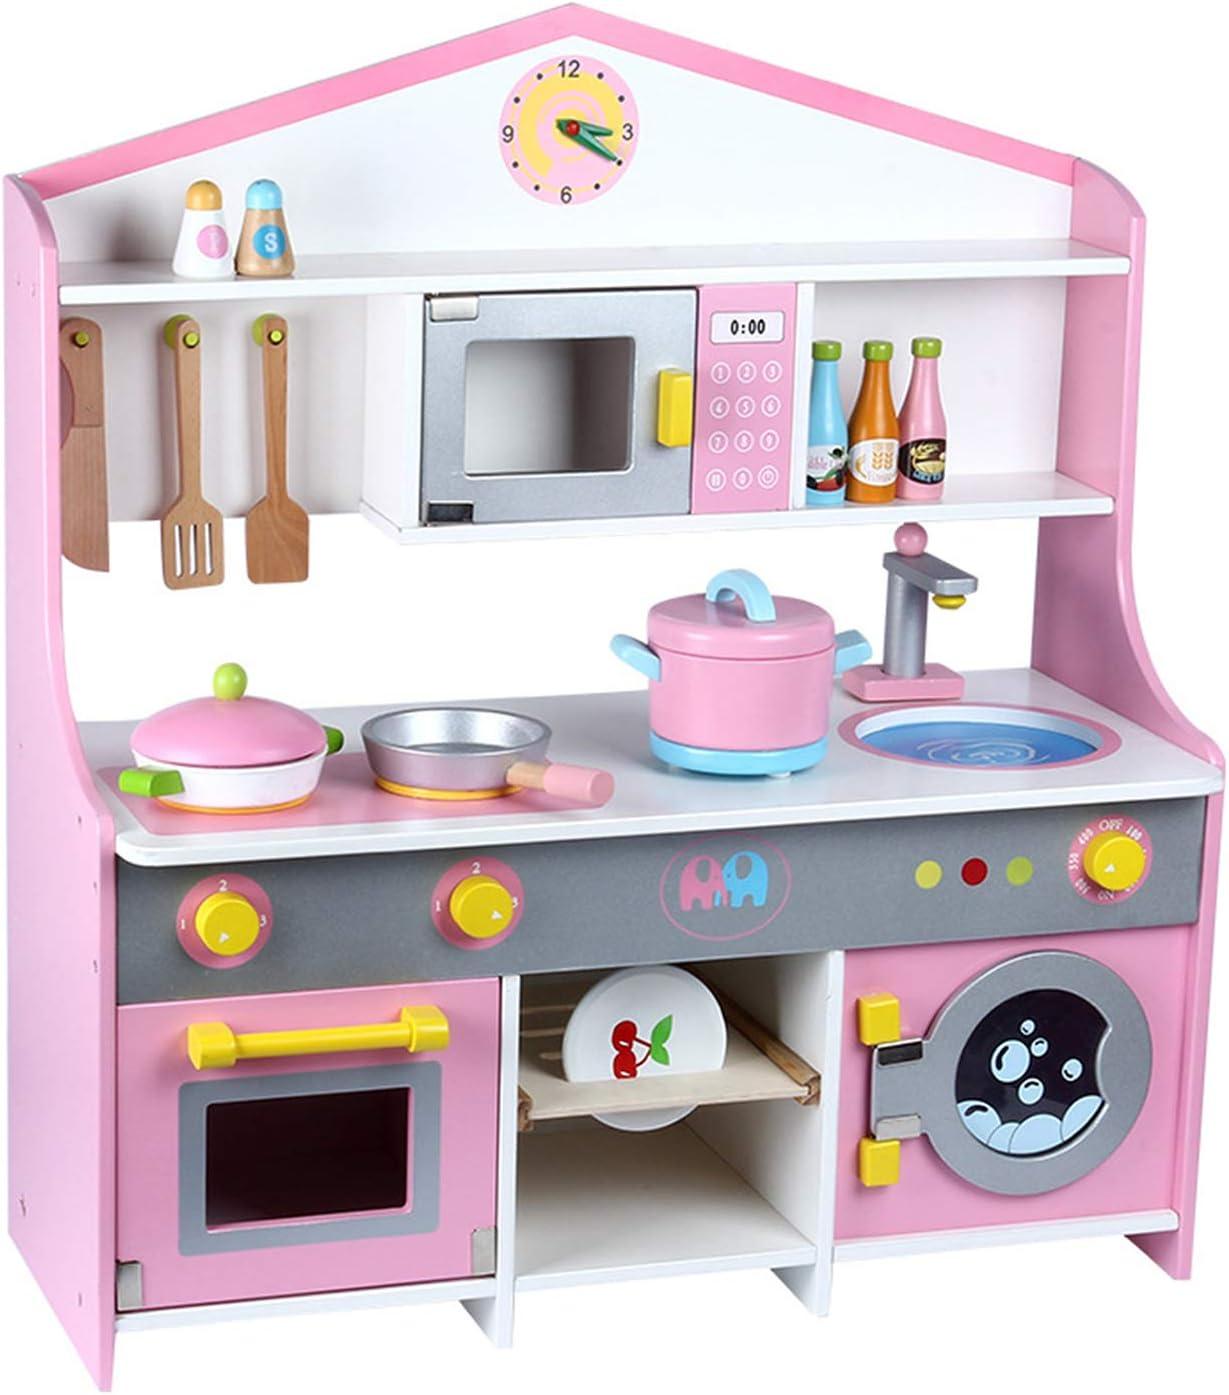 子供用シミュレーションキッチン玩具セット、木製知育玩具、洗濯機付き玩具、ロールプレイングゲーム